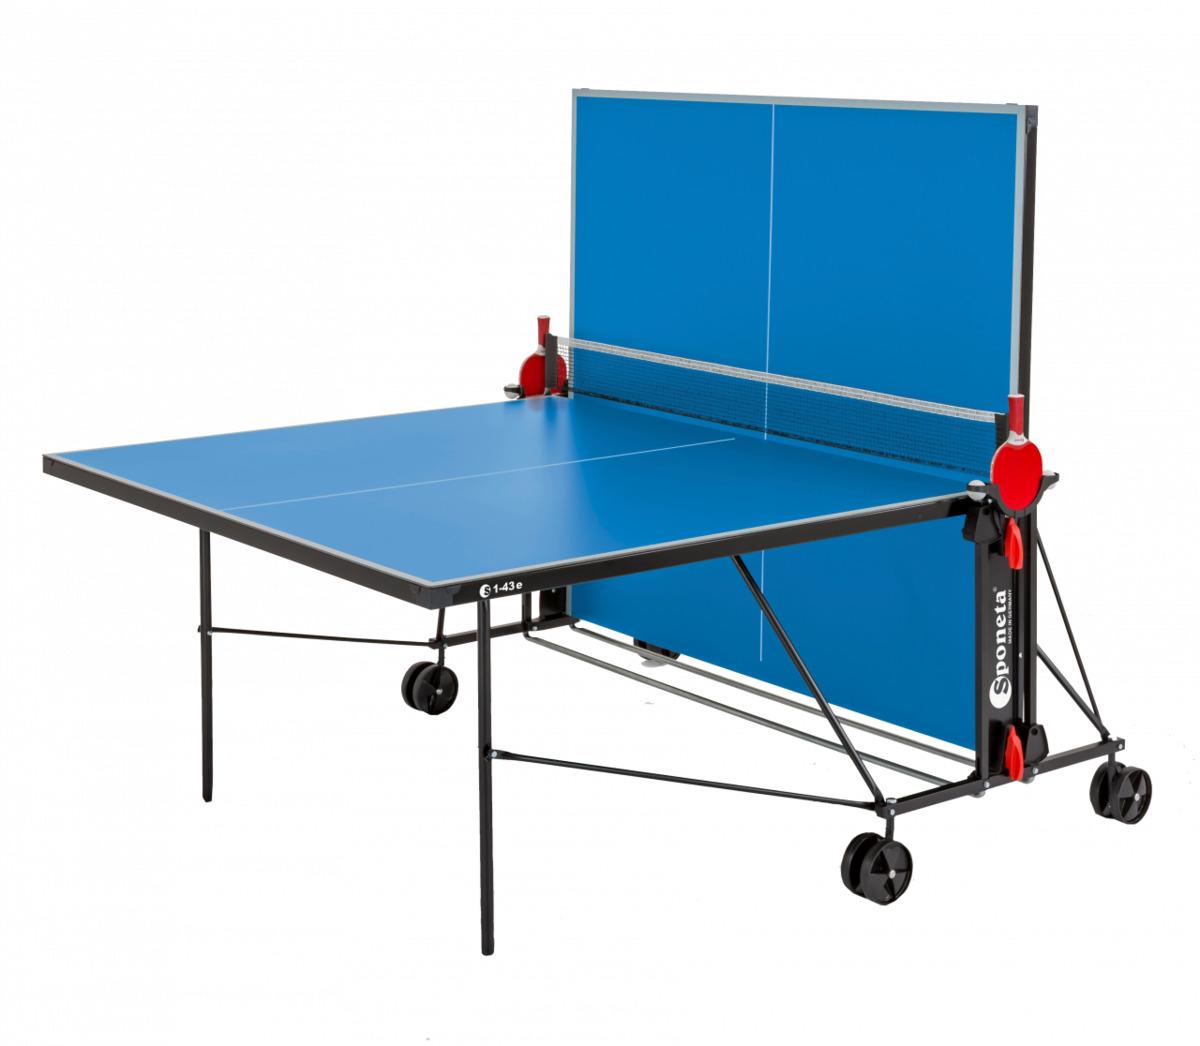 Bild 3 von Sponeta Tischtennis-Tisch Indoor S 1-43e